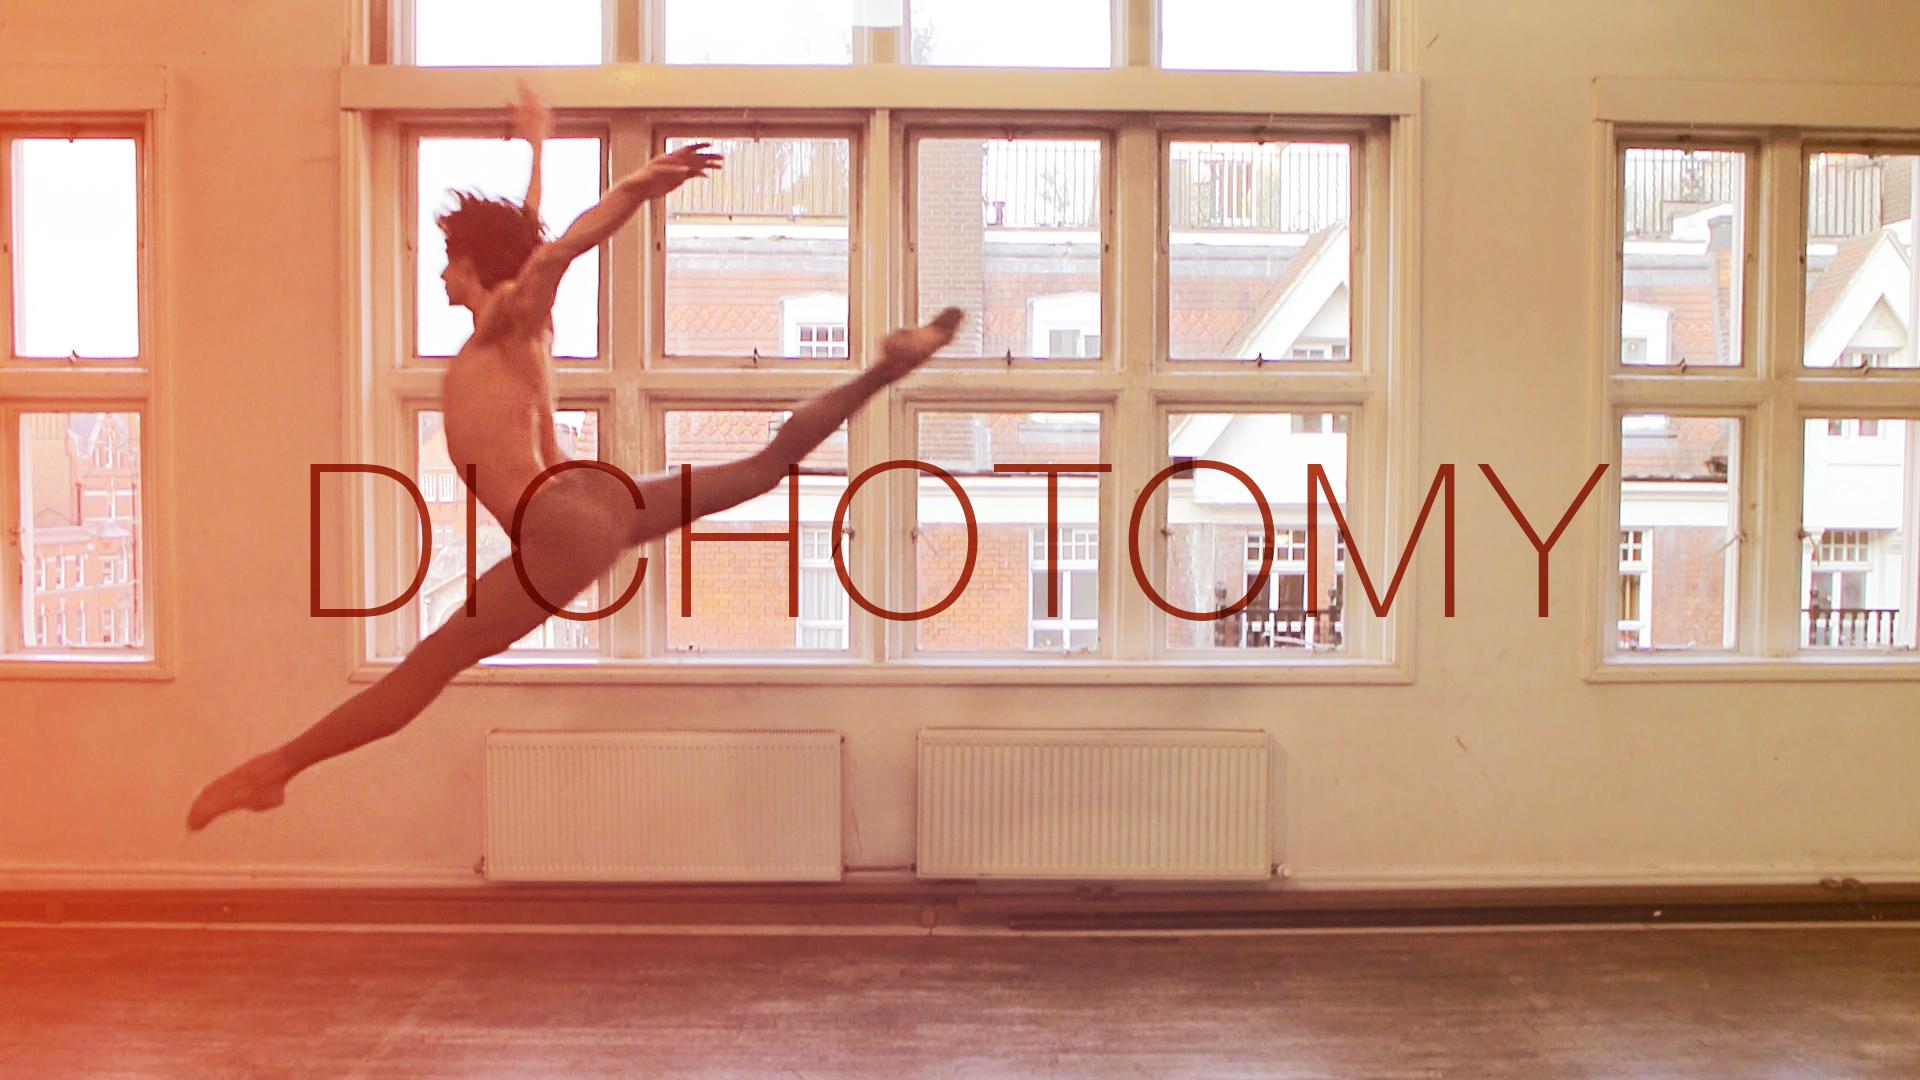 Dichotomy : A dance film